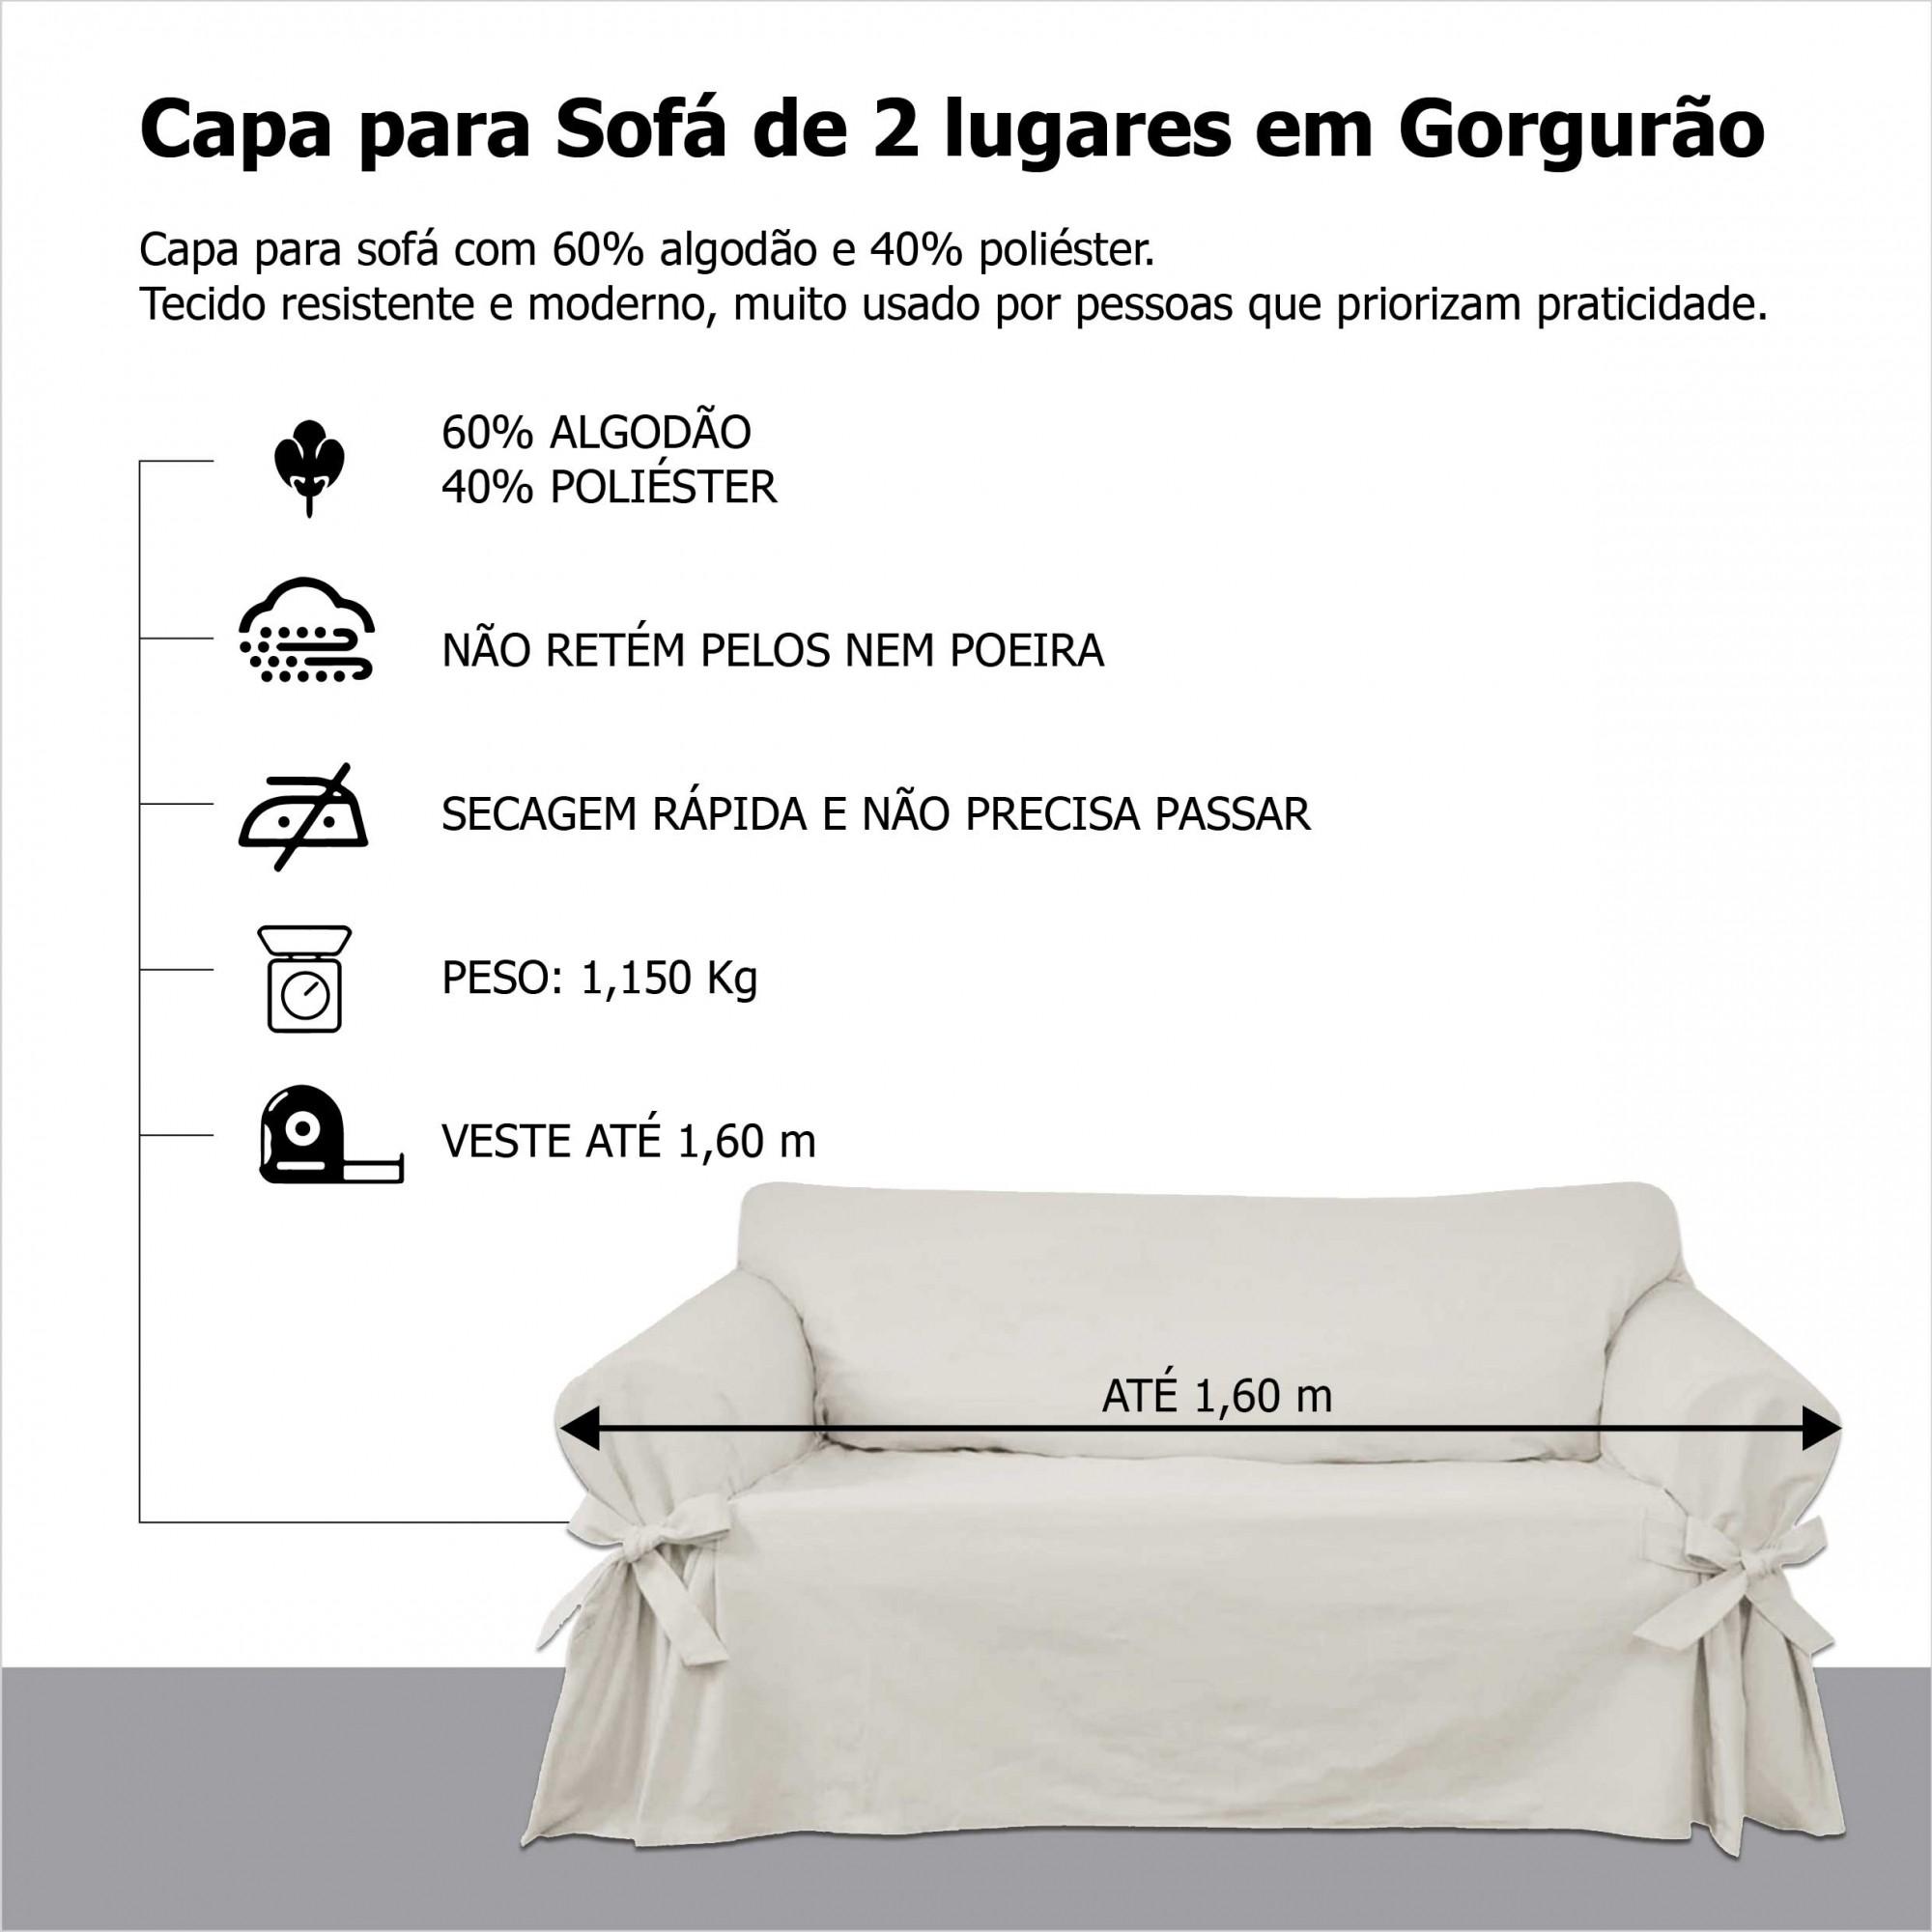 Capa p/ Sofá de 2 Lug MARINHO em Gorgurão